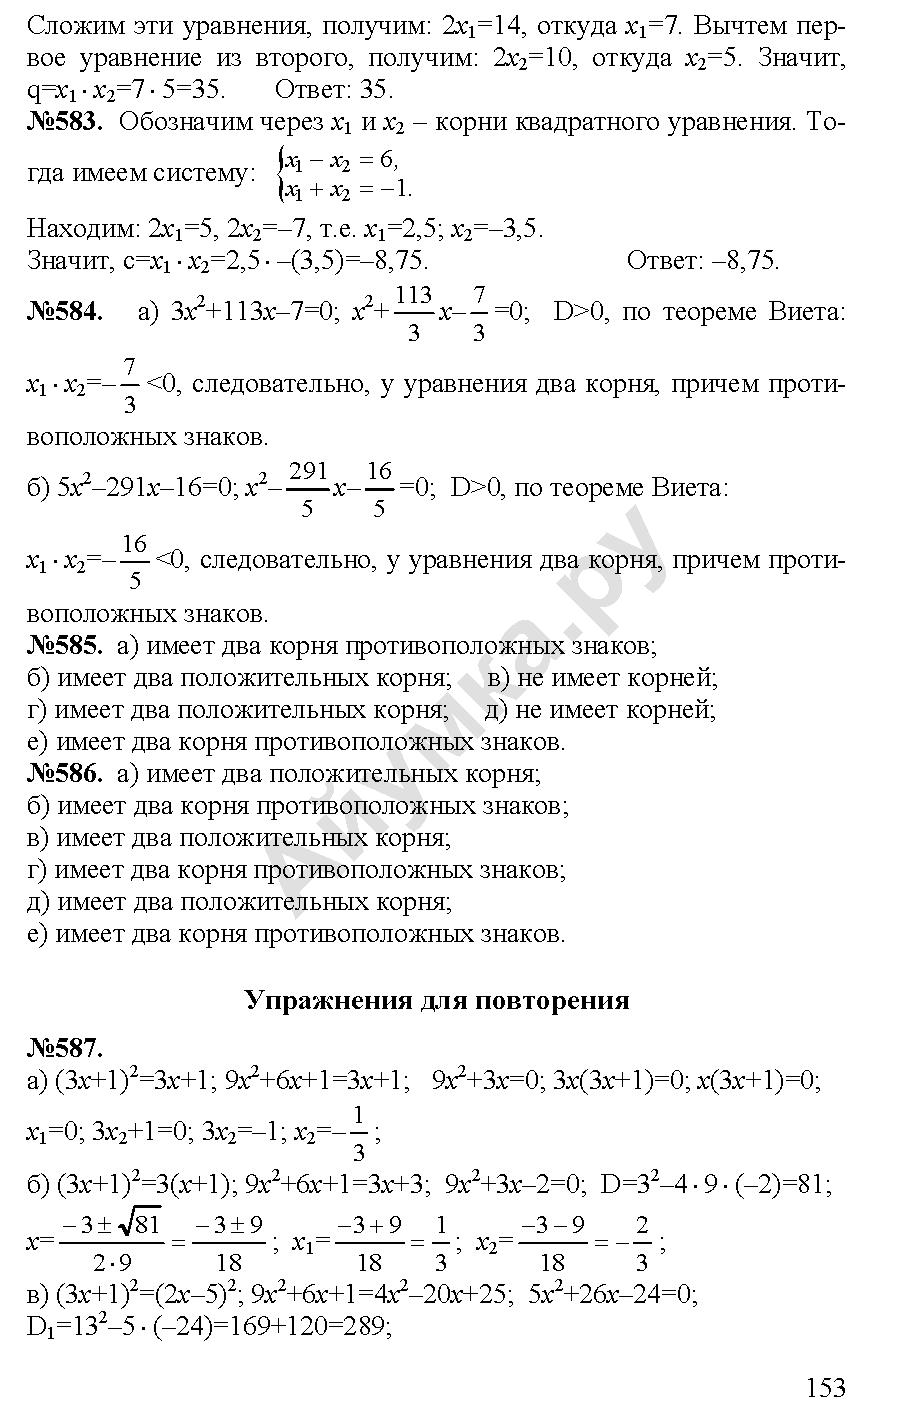 Таблица по биологии 6 класс викторов никишов на стр